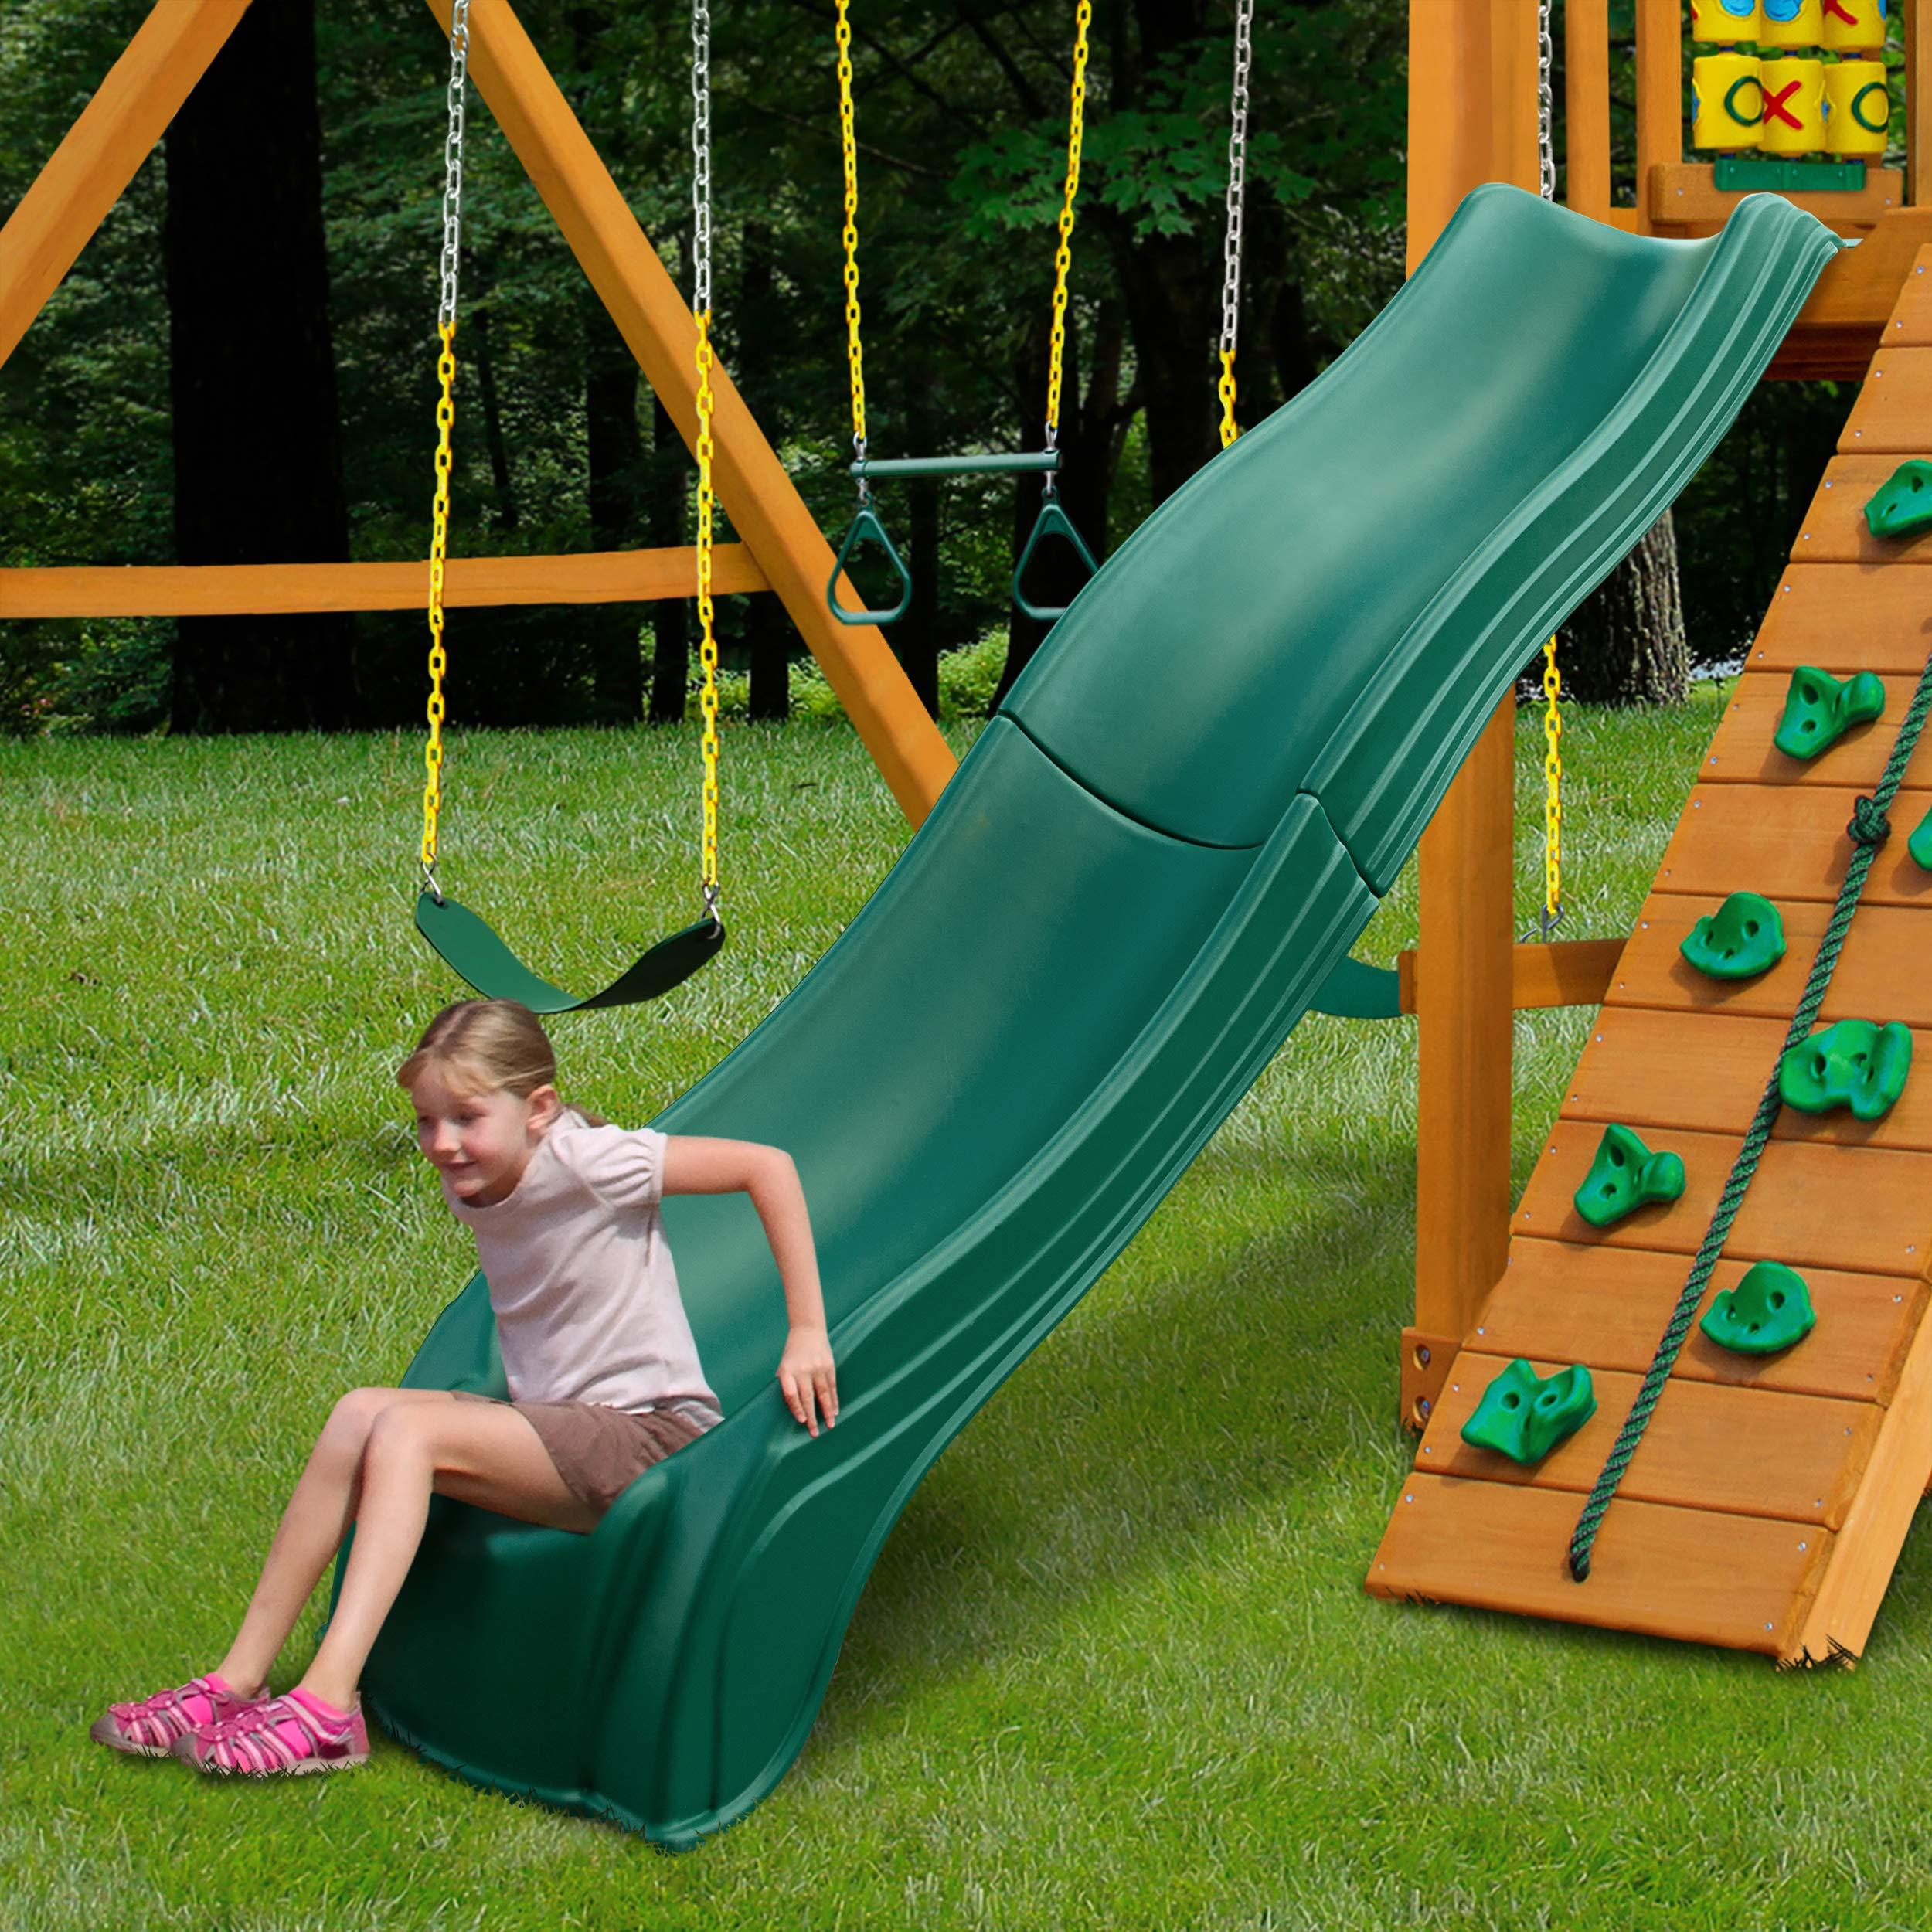 Swing-N-Slide WS 5033 Olympus Wave Slide Plastic Slide for 5' Decks, Green by Swing-N-Slide (Image #3)